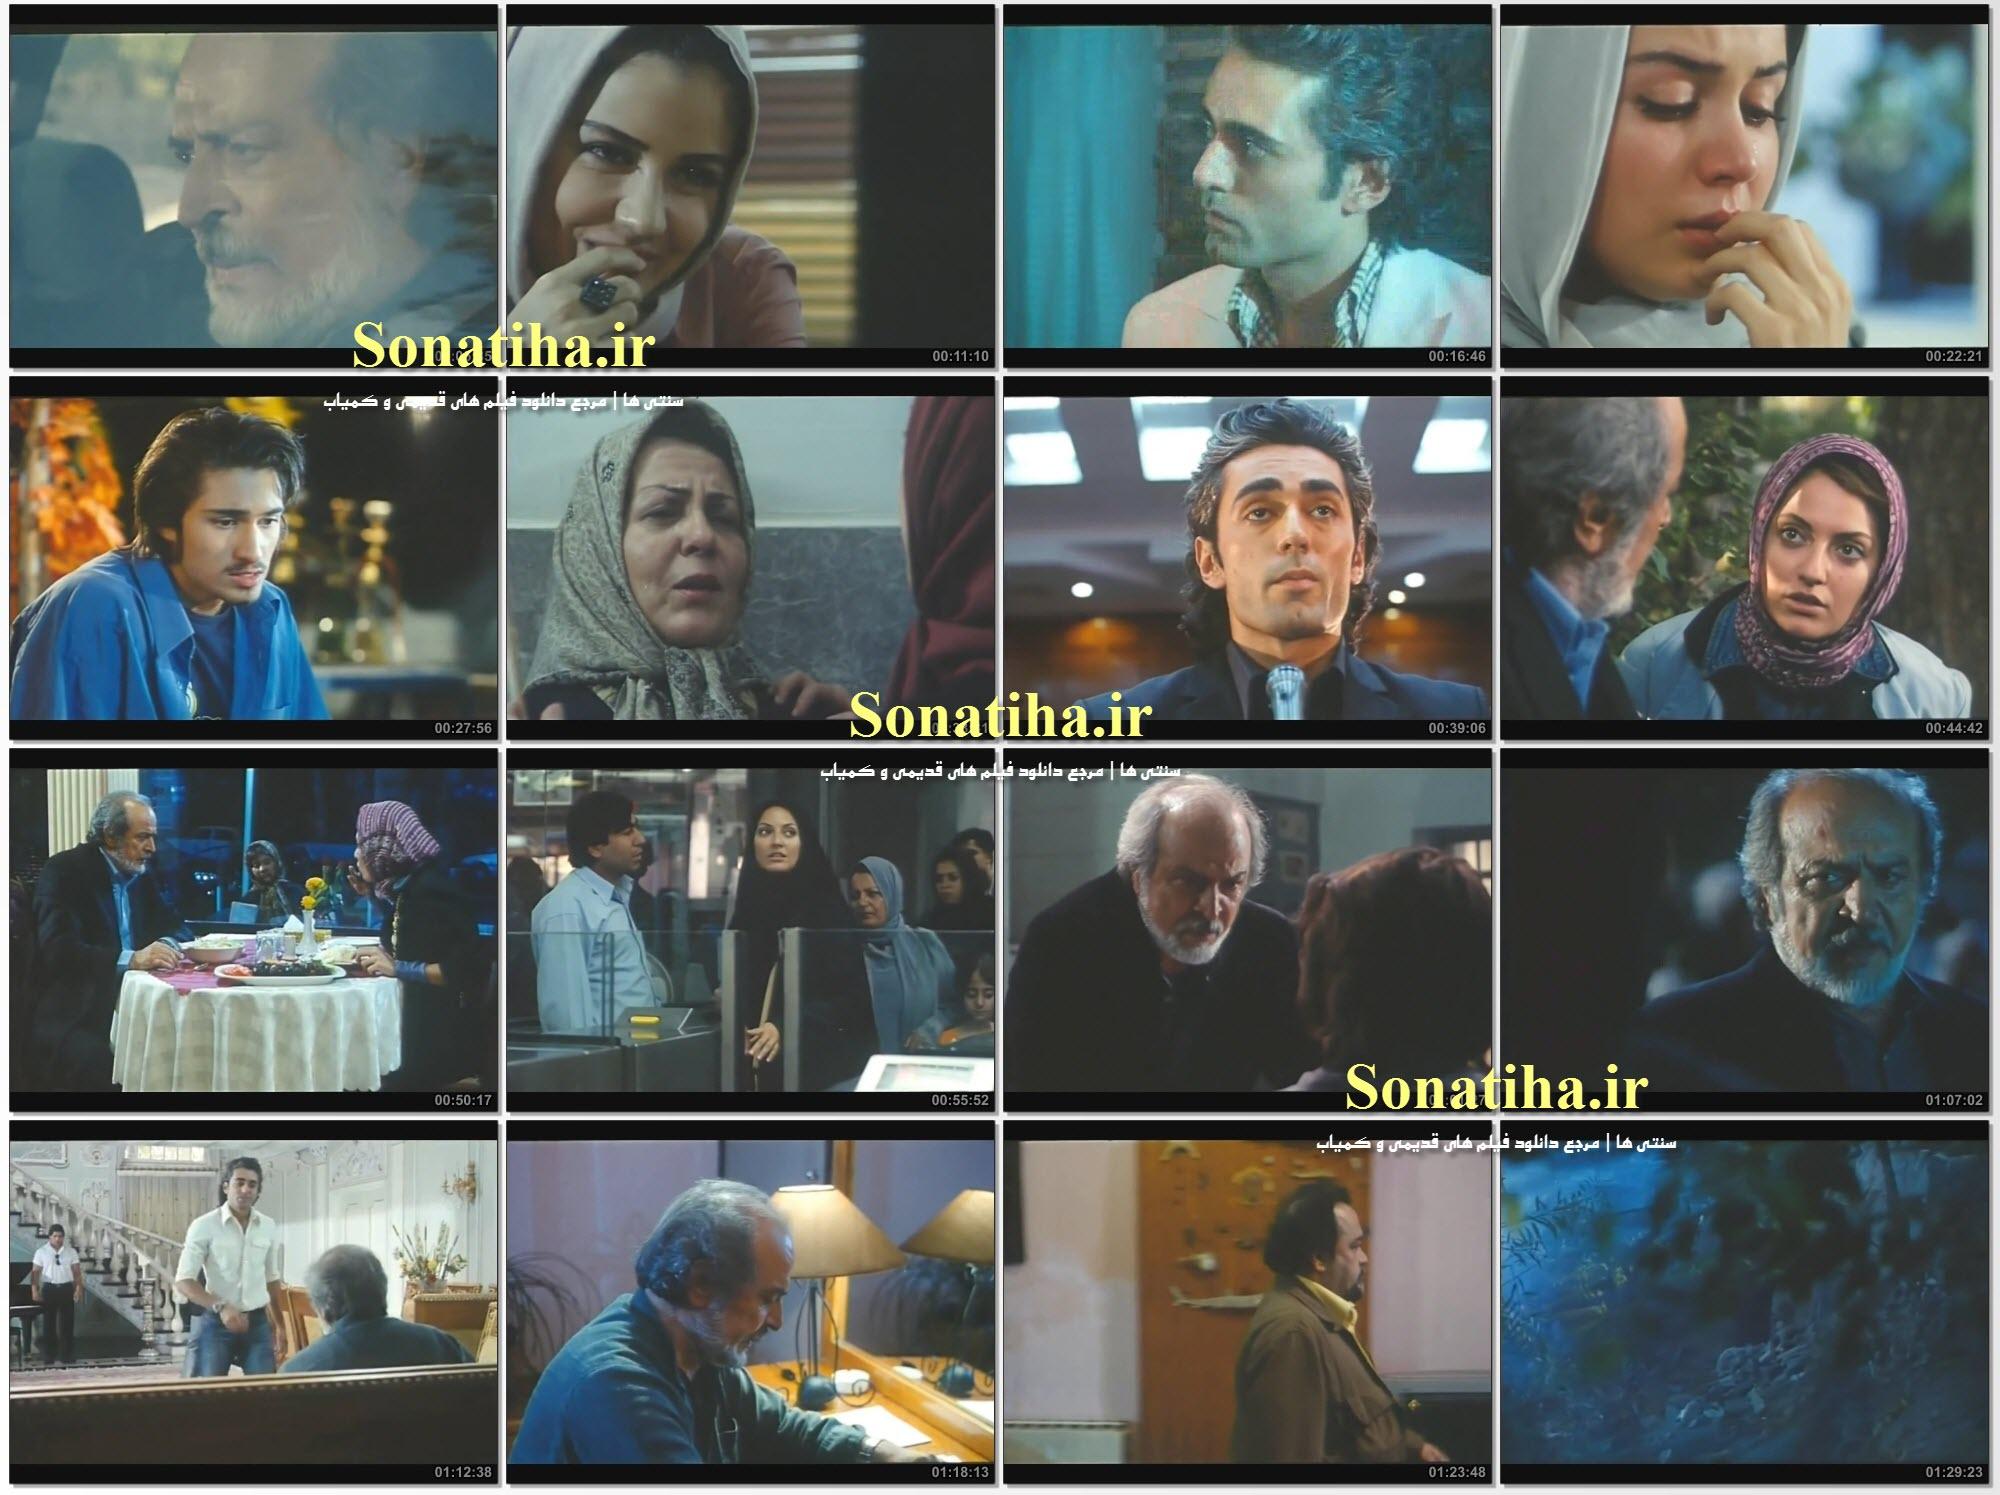 تصاویری از فیلم محاکمه